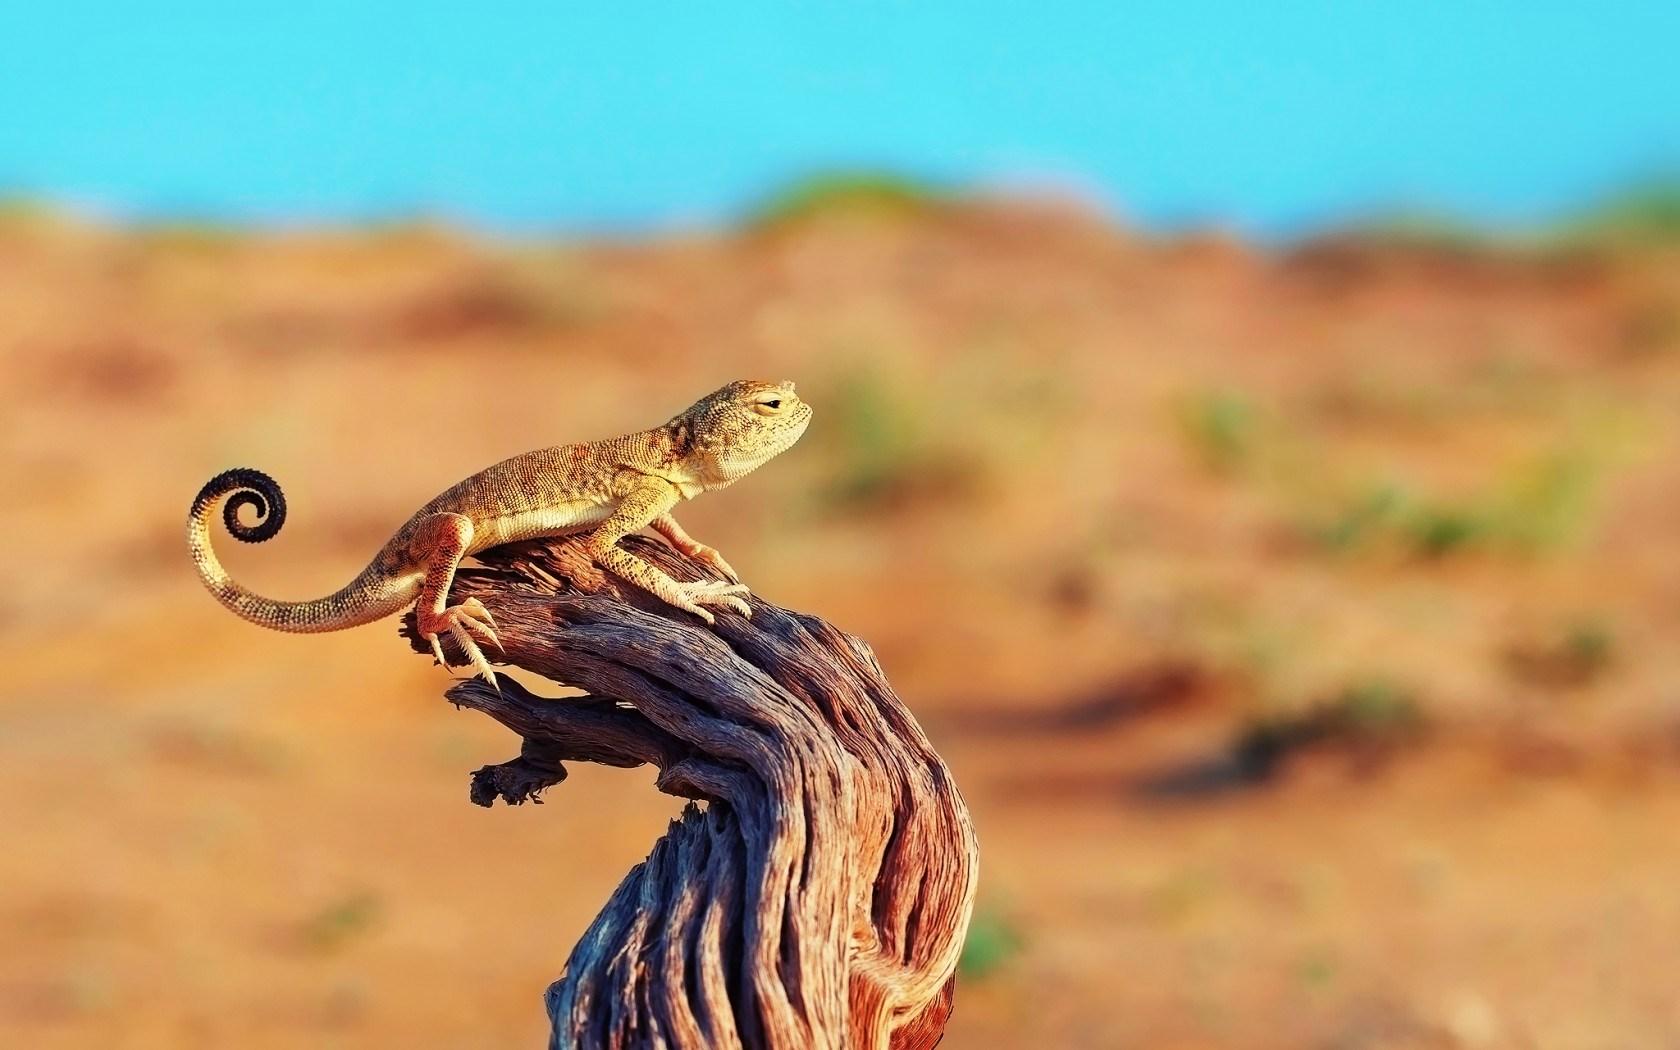 Lizard on Tree Stump Wallpaper 43763 1680x1050 px HDWallSourcecom